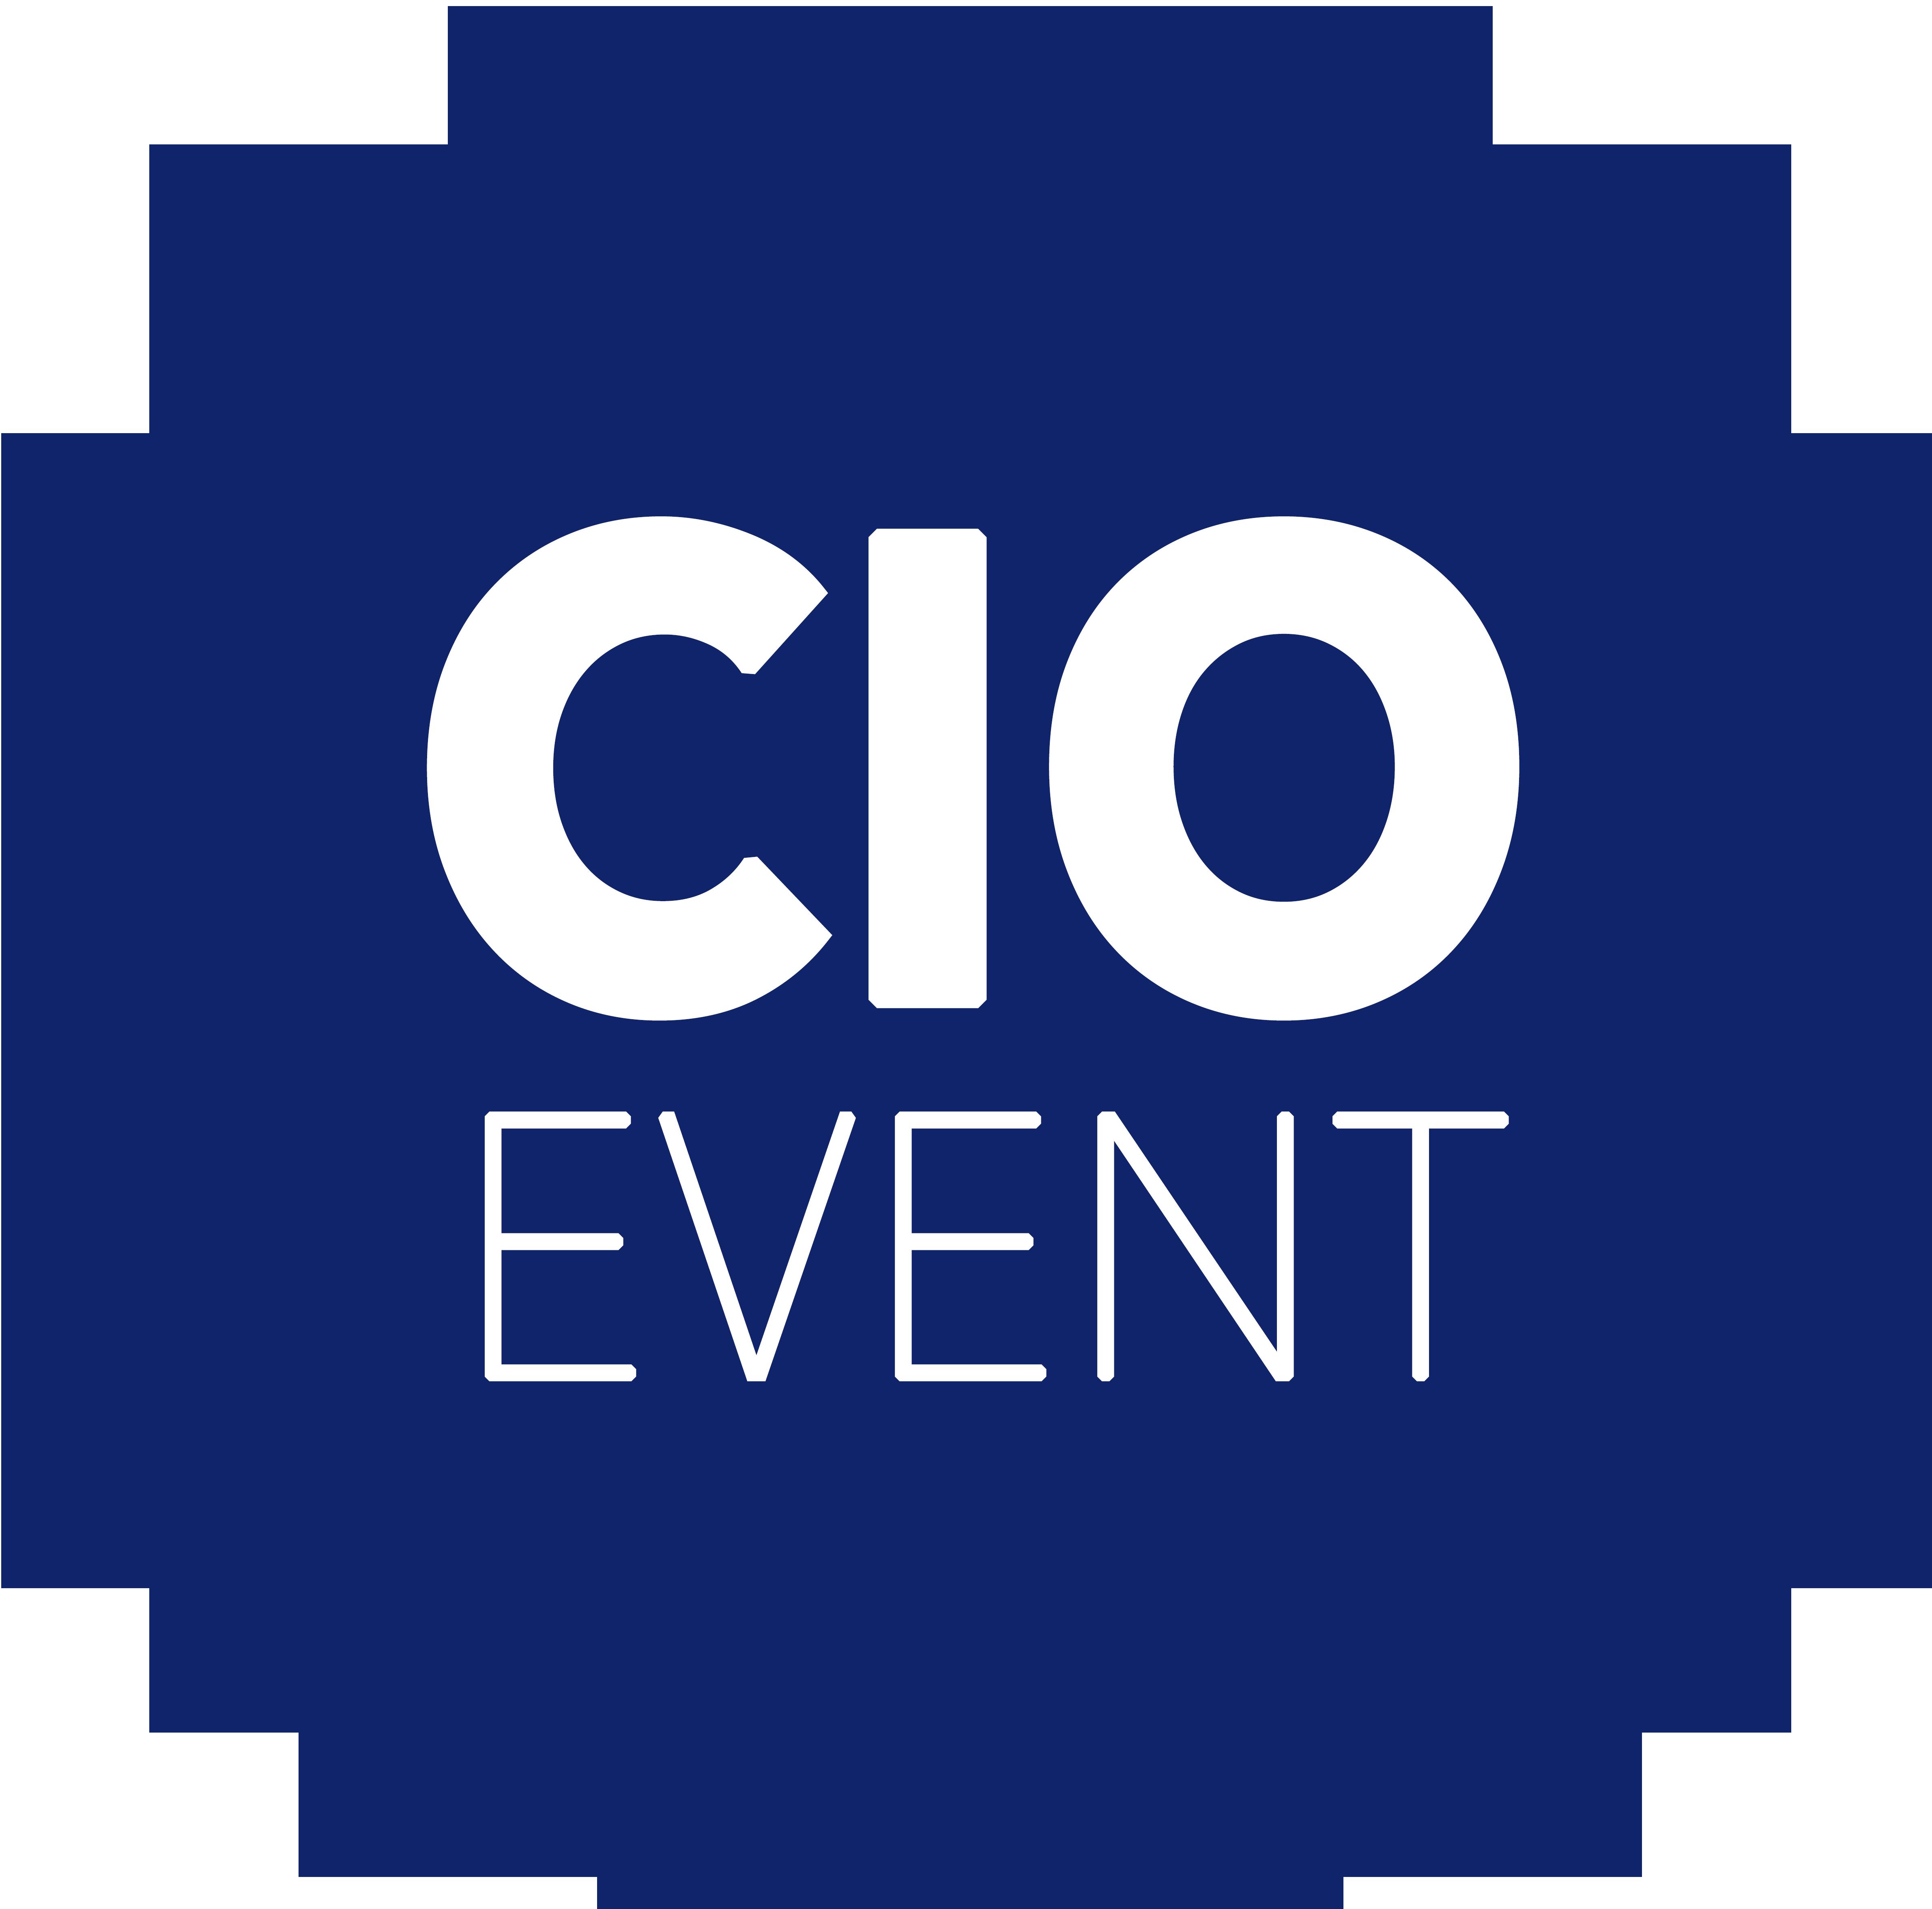 https://gbievents.com/events/cio-event-celtic-manor-september-2018